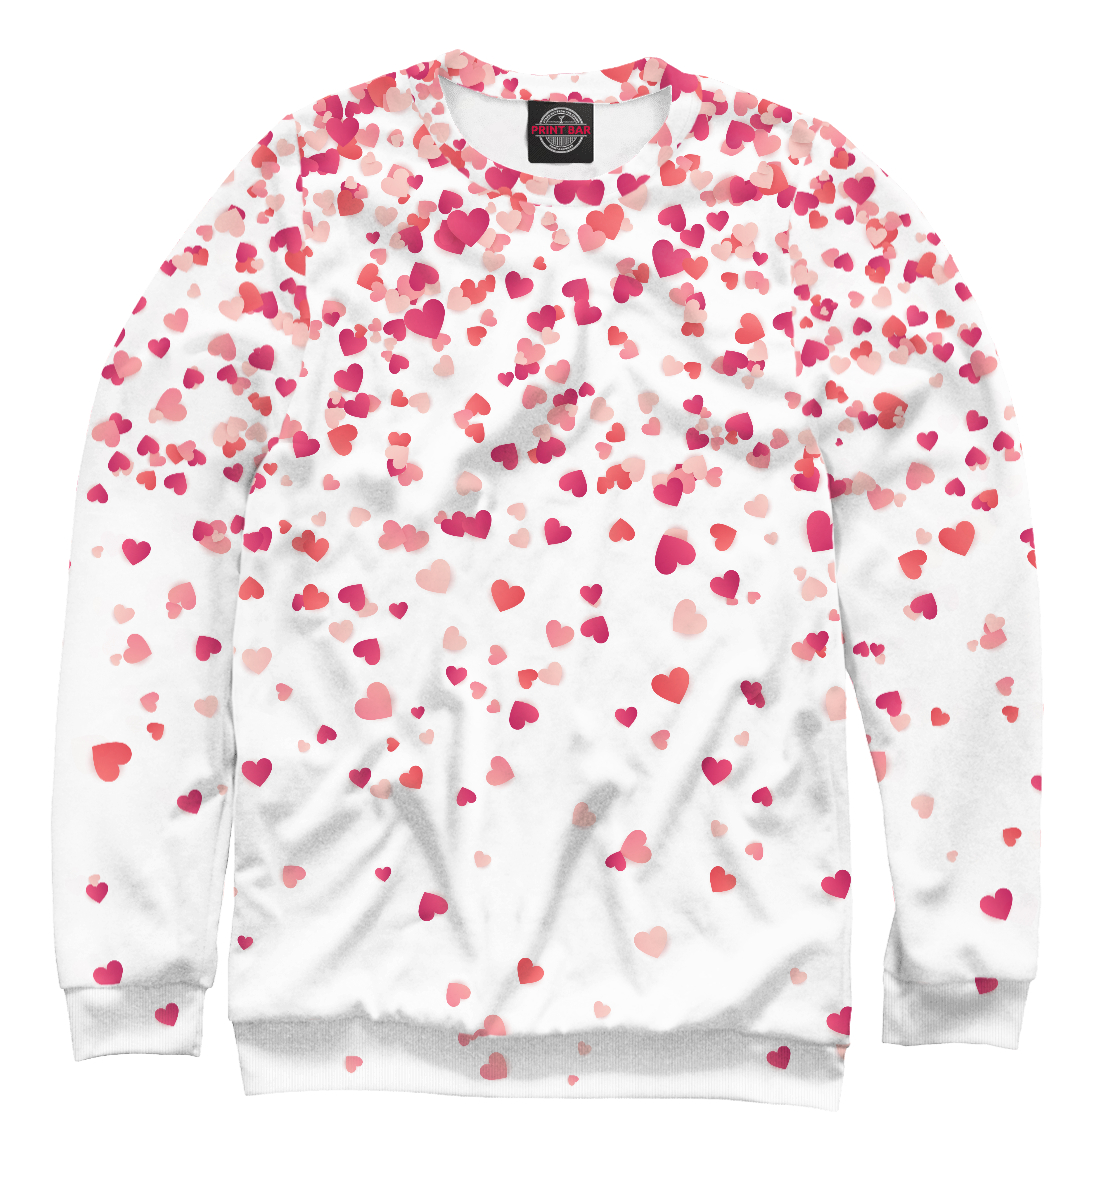 Купить Дождик для влюбленных, Printbar, Свитшоты, SRD-900870-swi-1